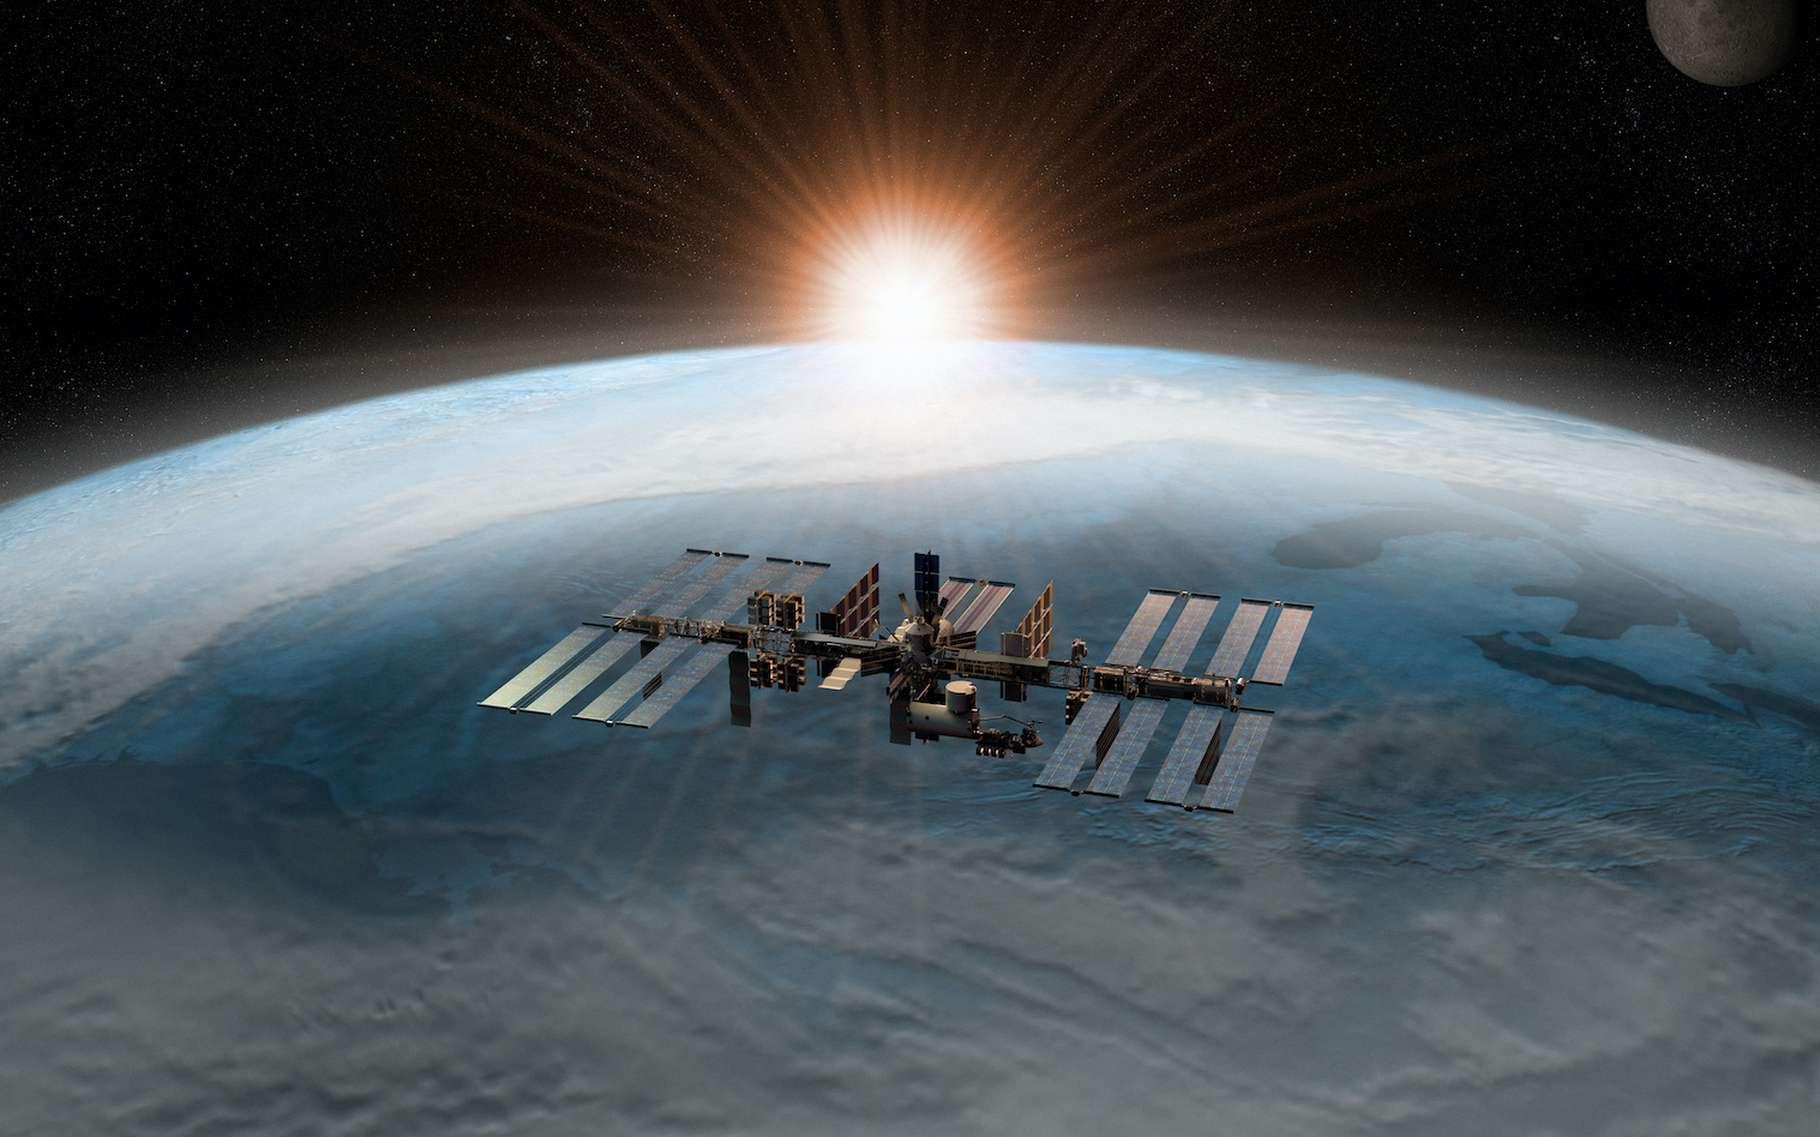 Dans l'espace, les astronautes vivent le confinement. Et aujourd'hui, pour nous aider à surmonter la crise du coronavirus, ils partagent leurs expériences avec nous. © Jose Luis Stephens, Adobe Stock